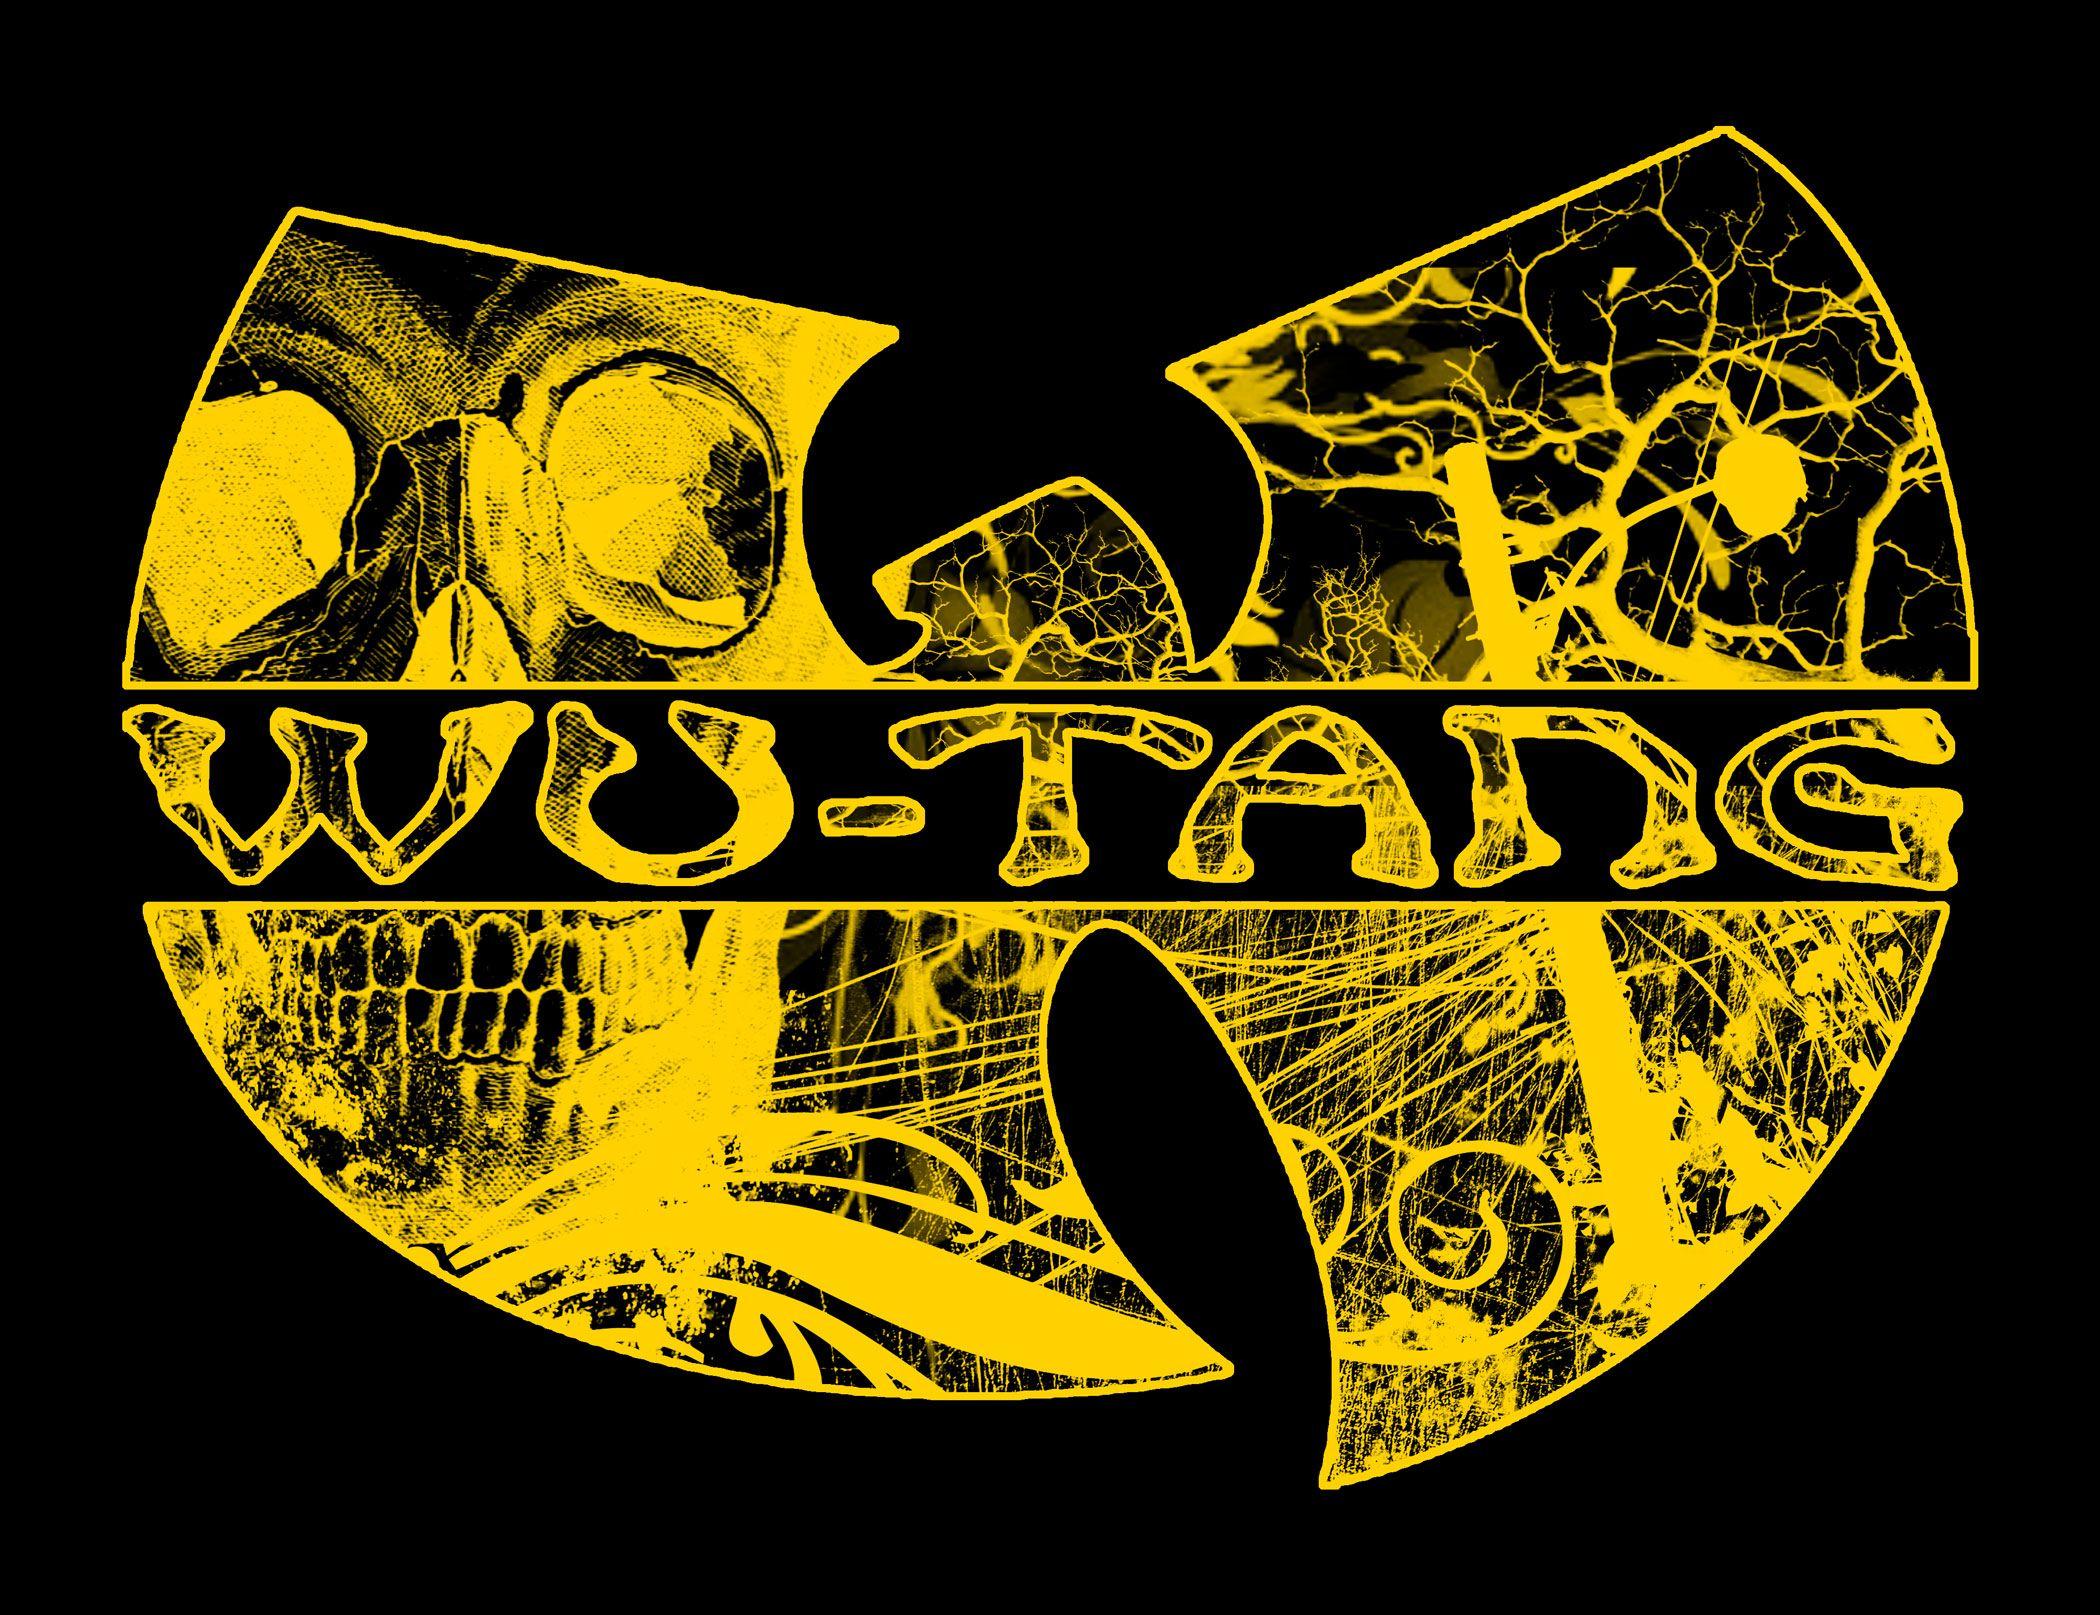 лого wu tang: